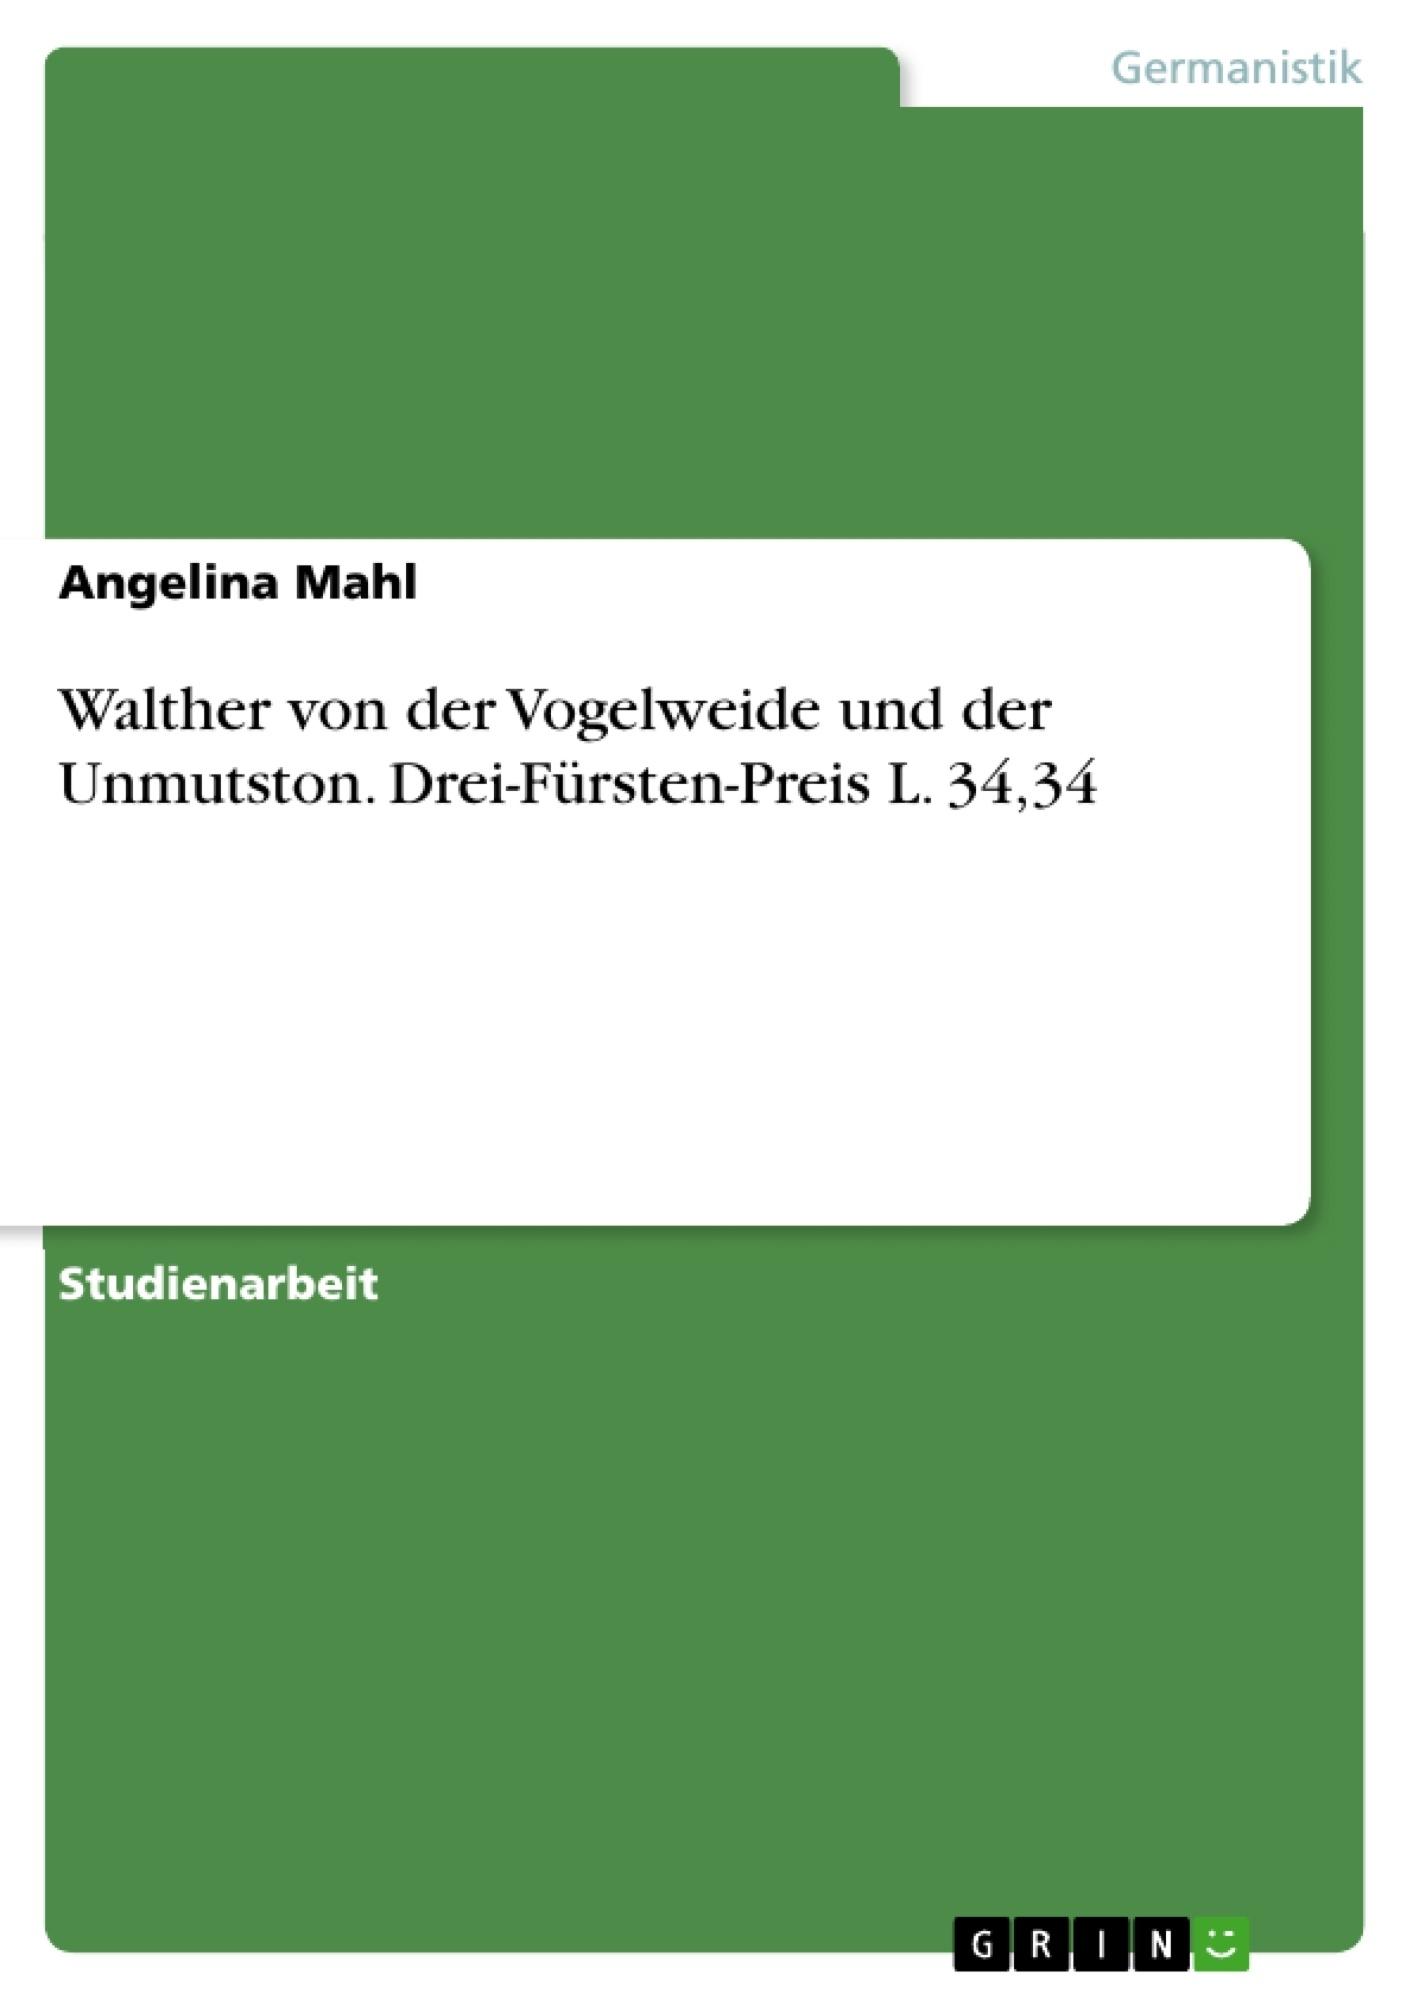 Titel: Walther von der Vogelweide und der Unmutston. Drei-Fürsten-Preis L. 34,34